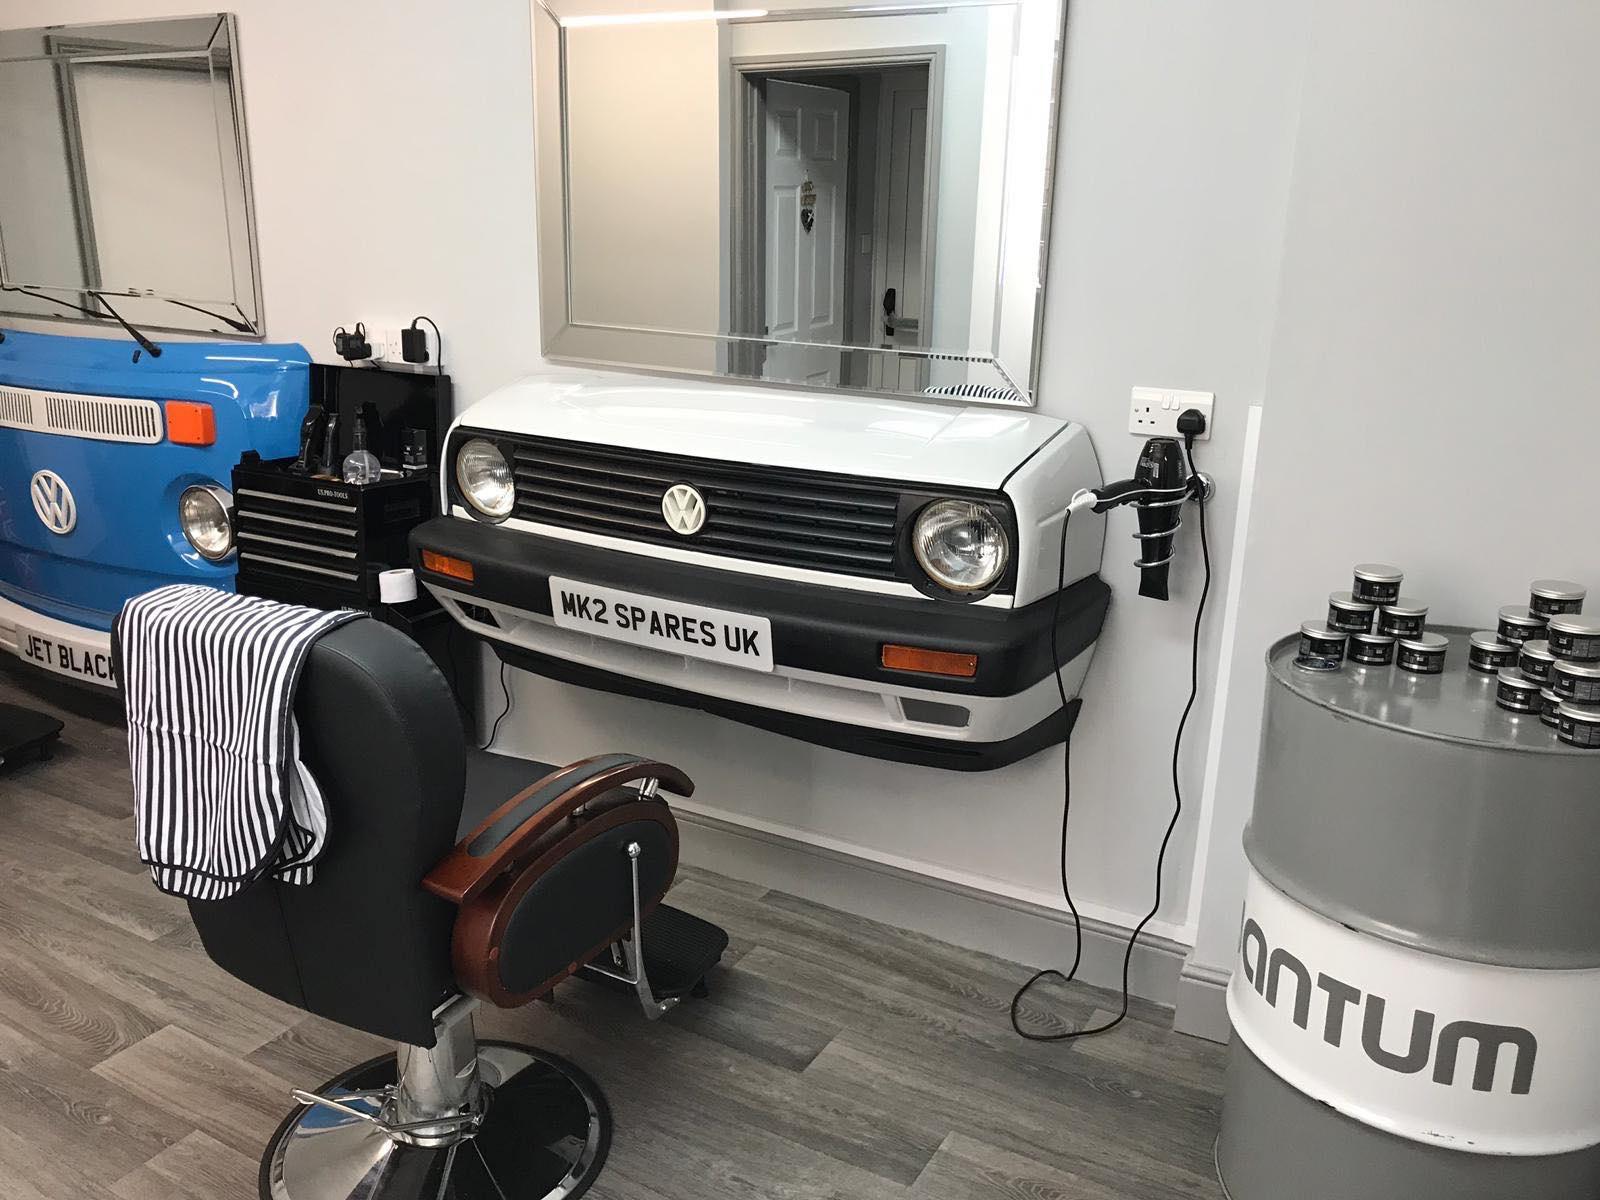 https://0201.nccdn.net/1_2/000/000/0e2/1f0/barbers-2-1600x1200.jpg